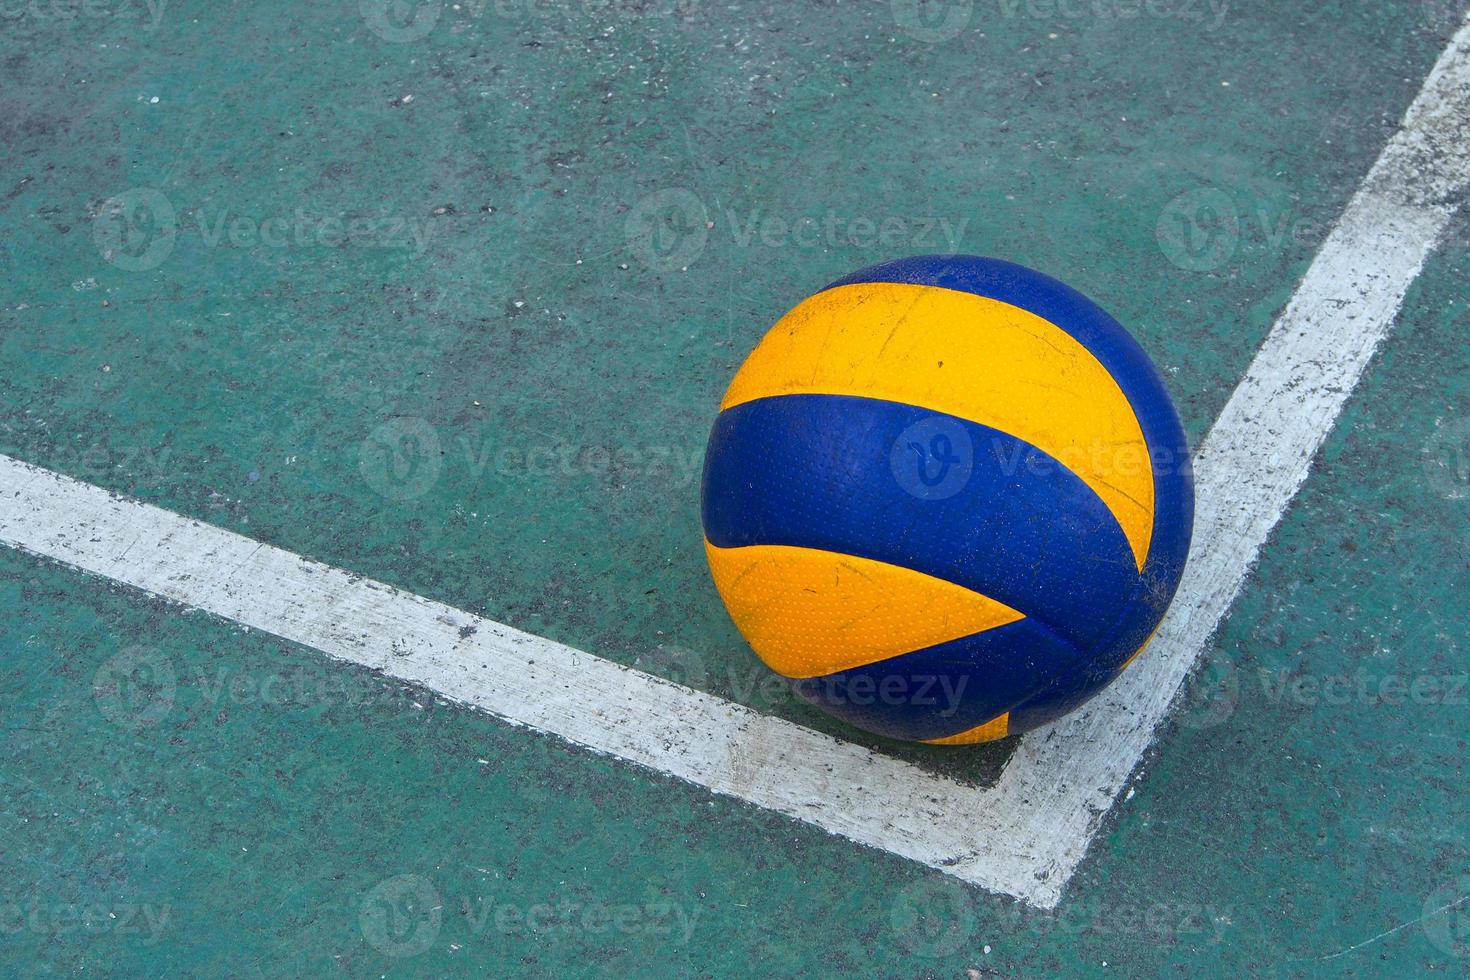 oude volleybal op een vuile baan foto